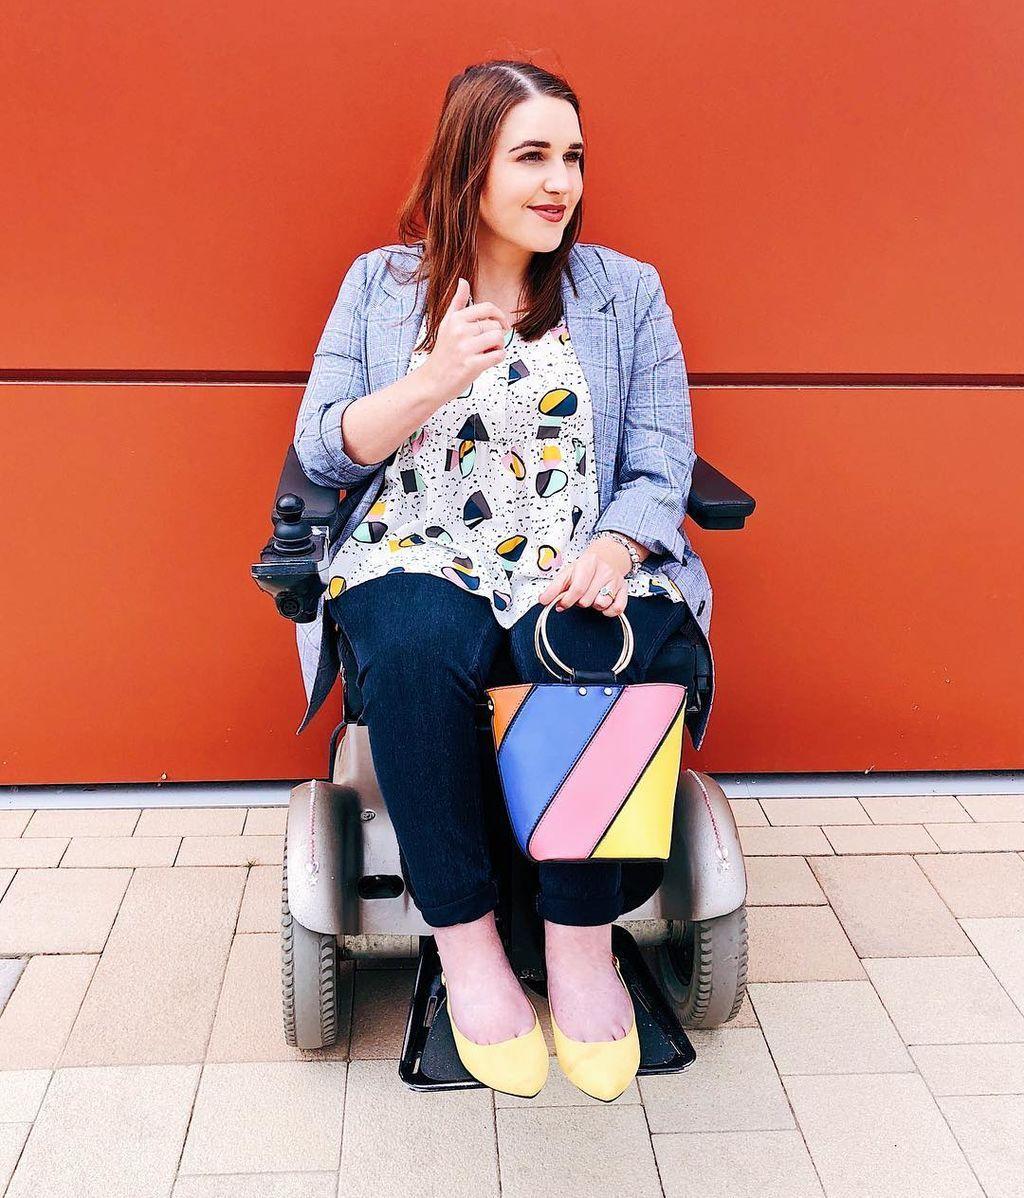 """Las personas con discapacidad """"deberían estar representadas en el mundo de la moda"""""""